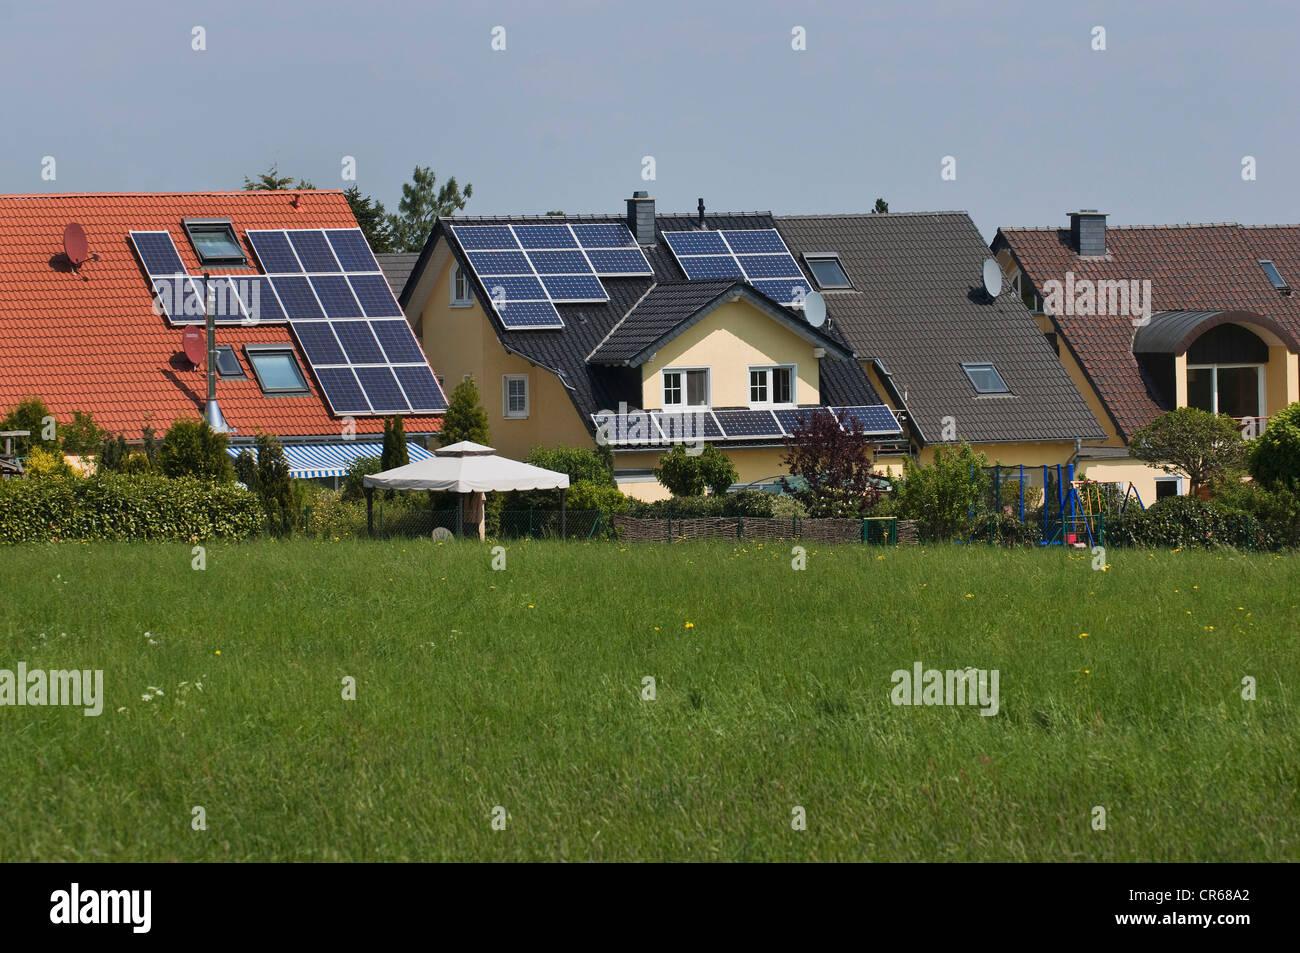 Moderne Wohnanlage Häuser Mehrfamilien mit Sonnenkollektoren auf dem Dach, auf dem Land Stockbild